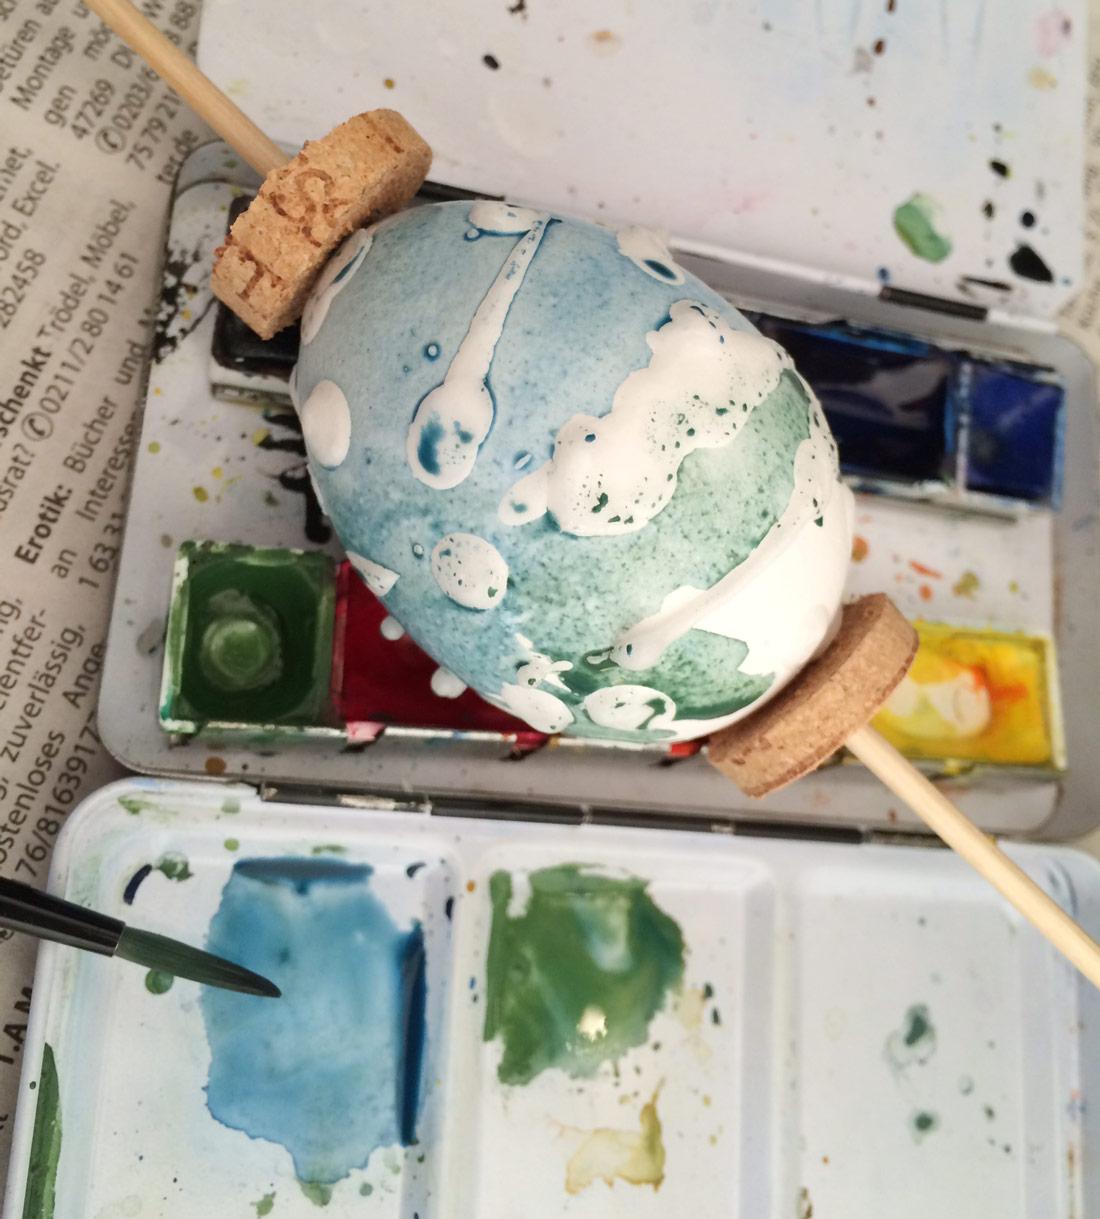 Ei bemalen mit Auqarell- oder Wasserfarben